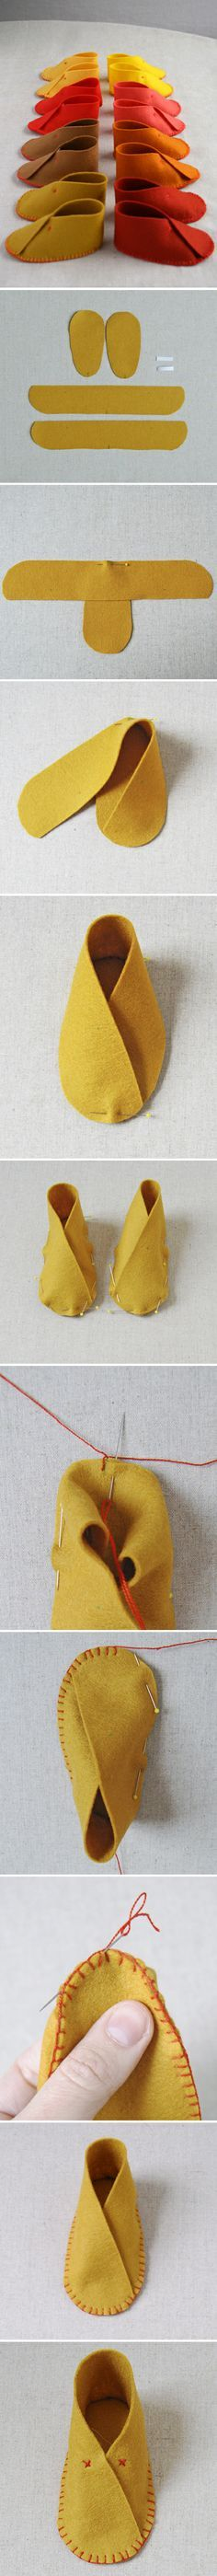 Schoen maken uit vilt